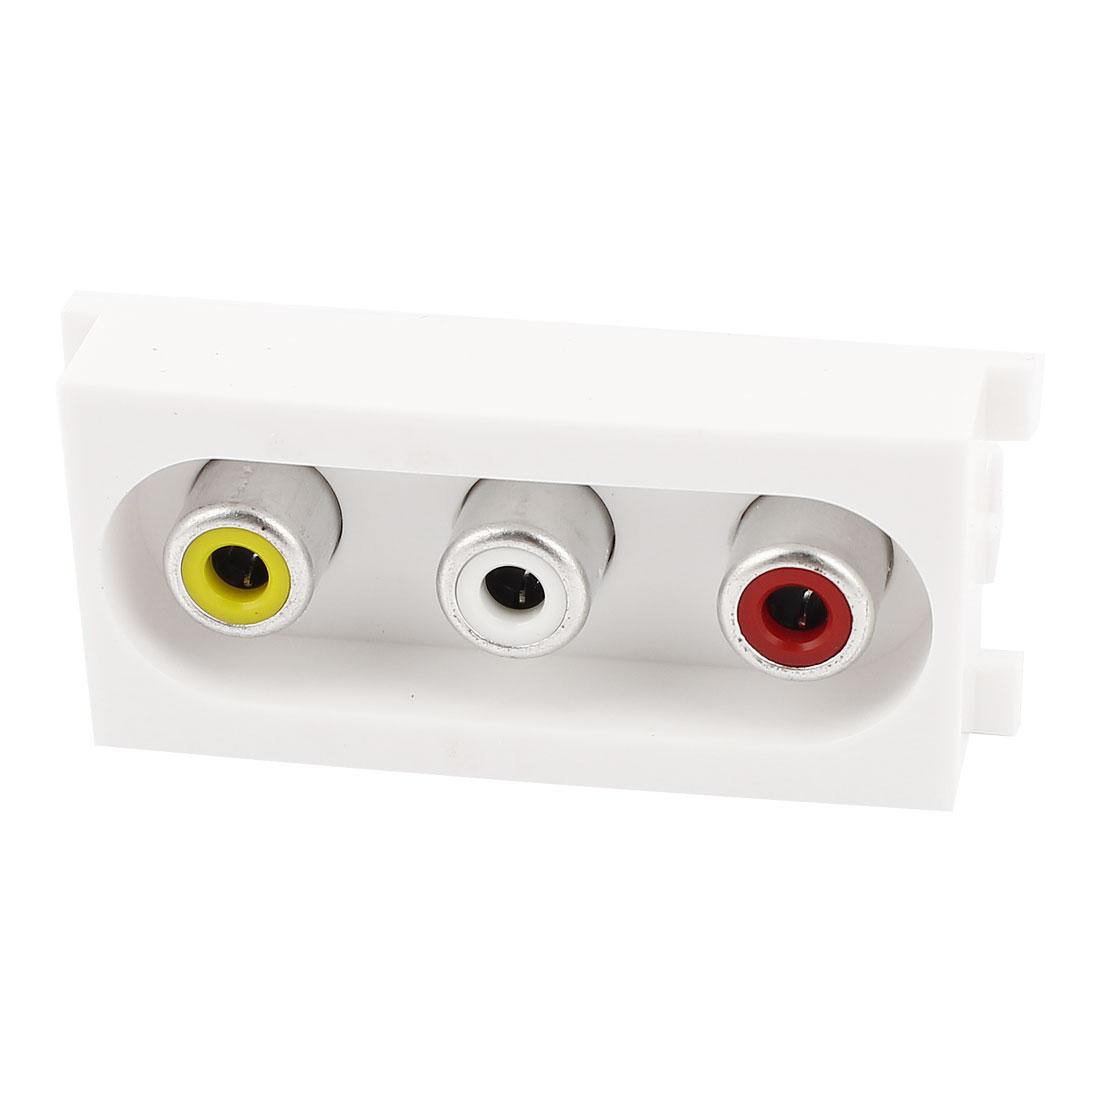 AV Soldered RCA 3x Female Module Wall Plate Outlet Socket Adapter White